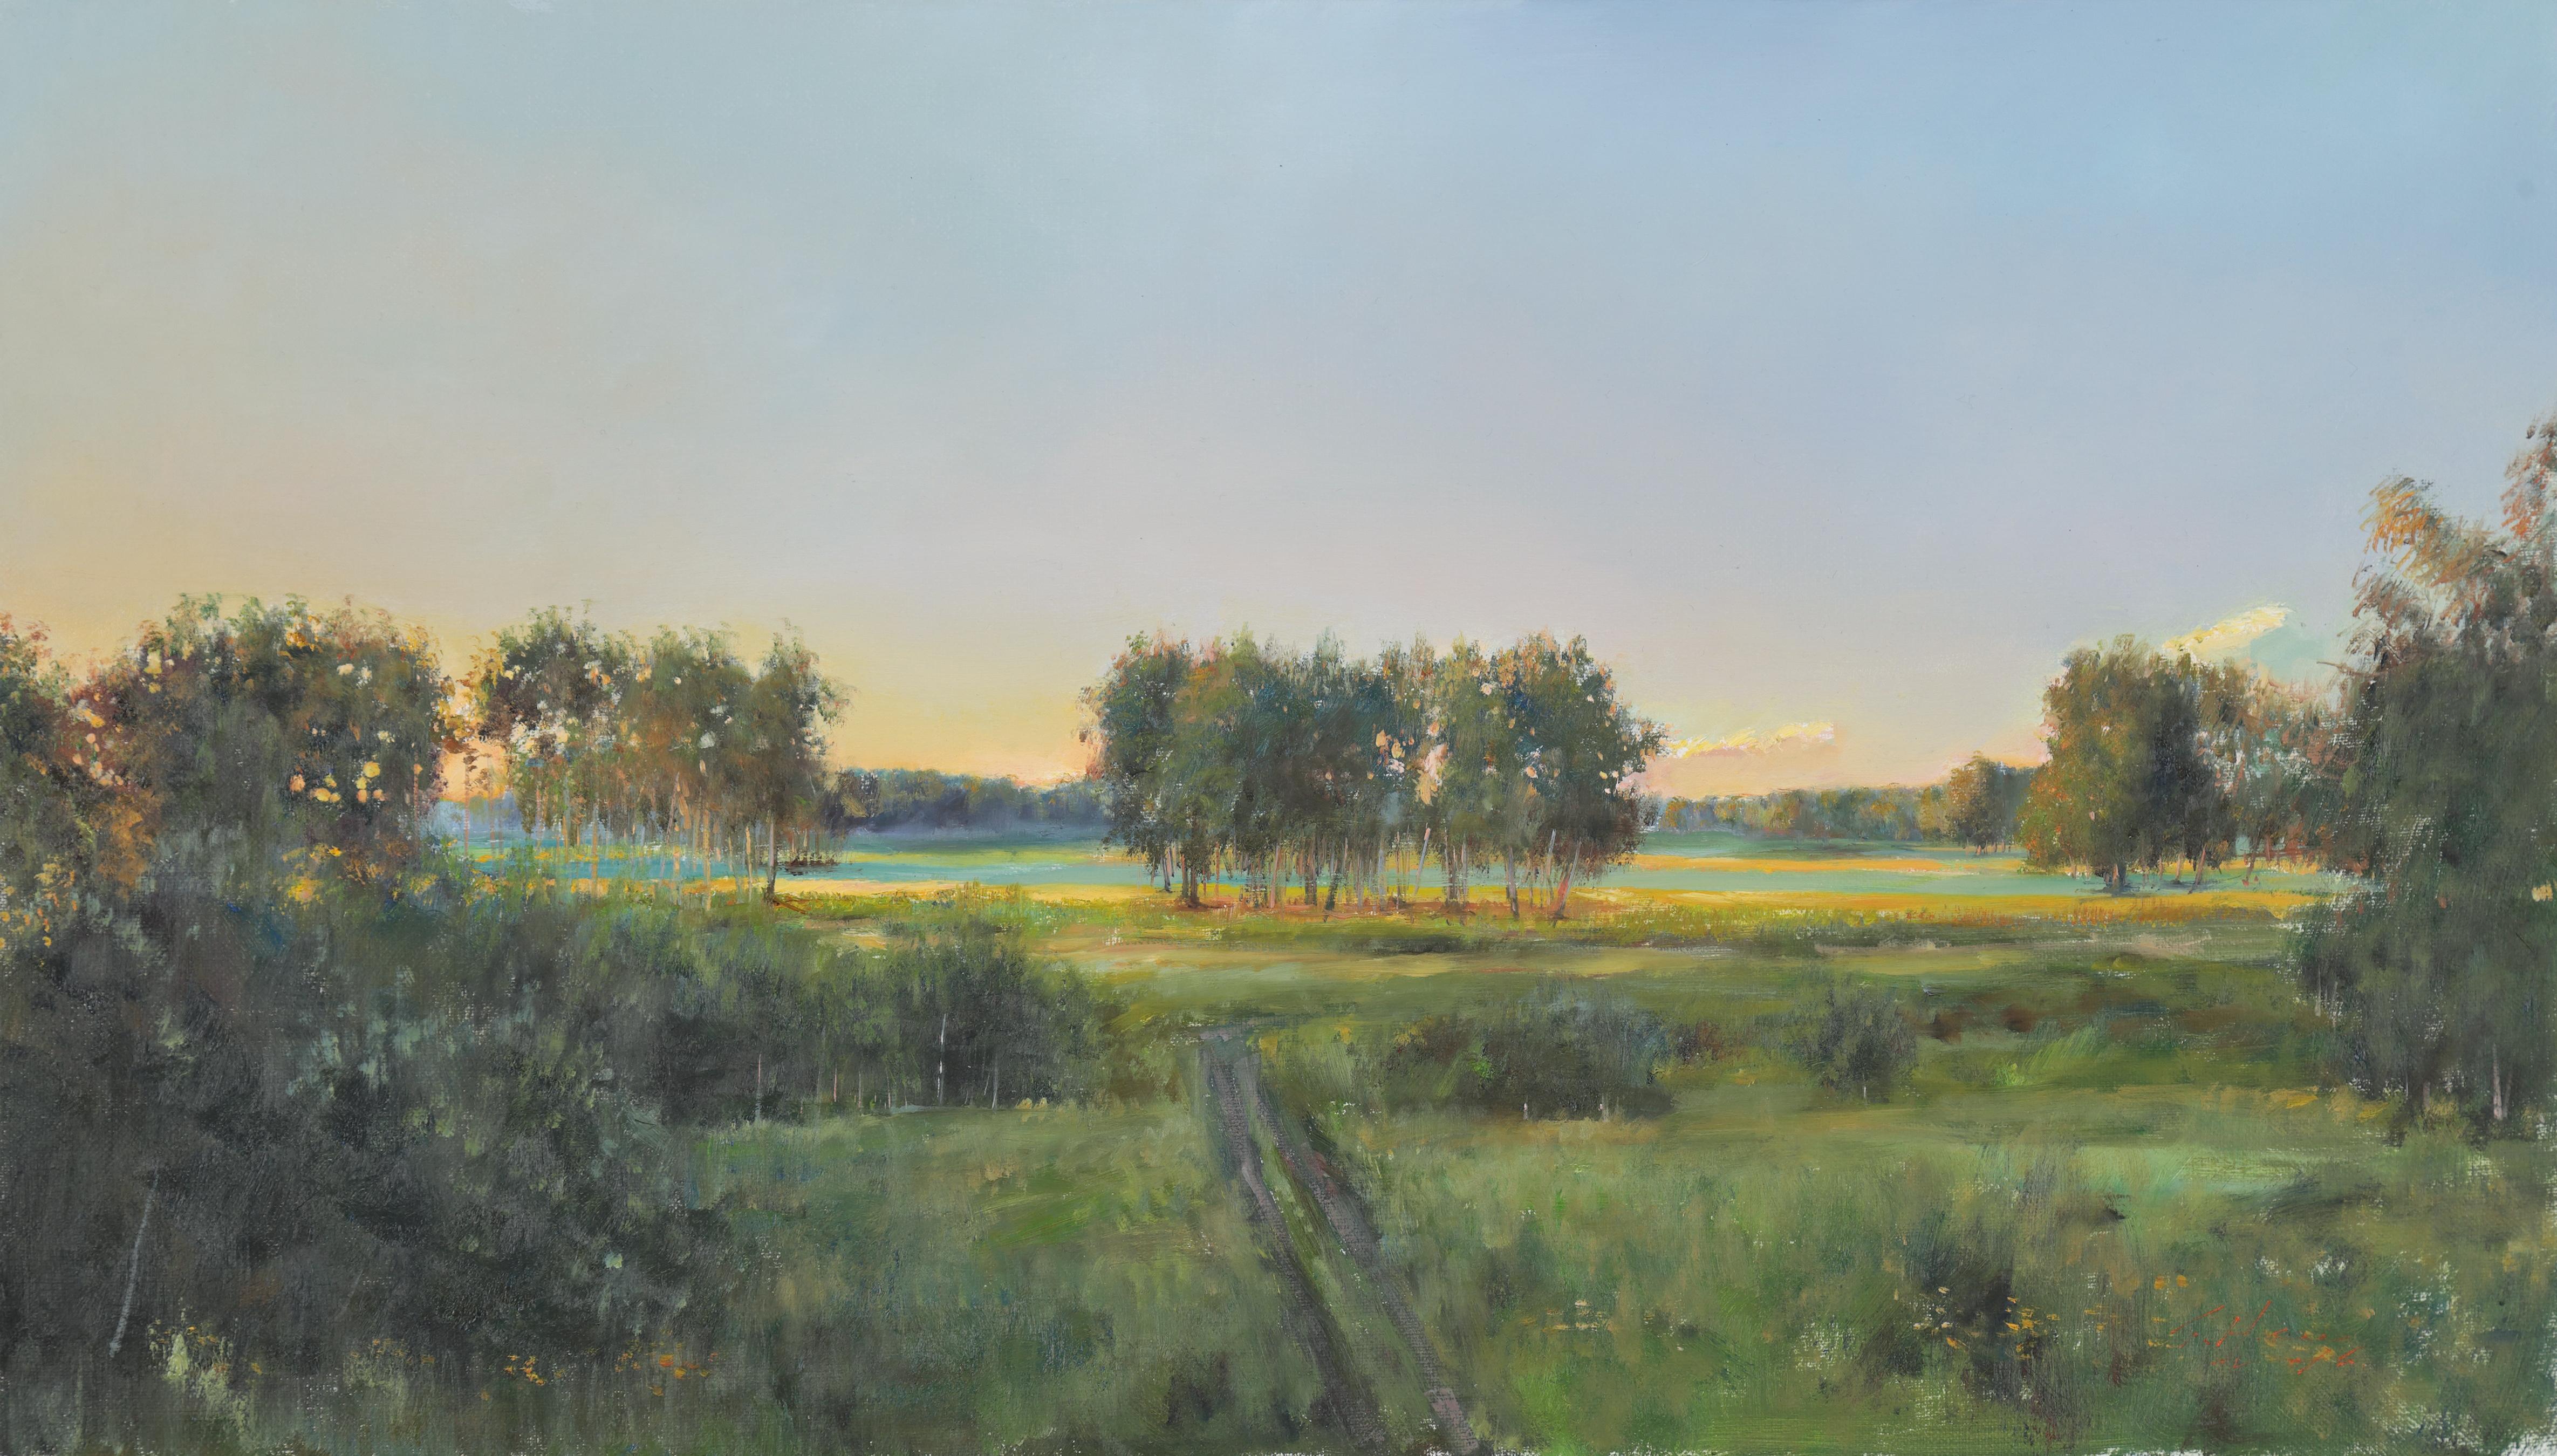 25 오솔길이 있는 풍경 41.6x72.7 Oil on canvas 2016